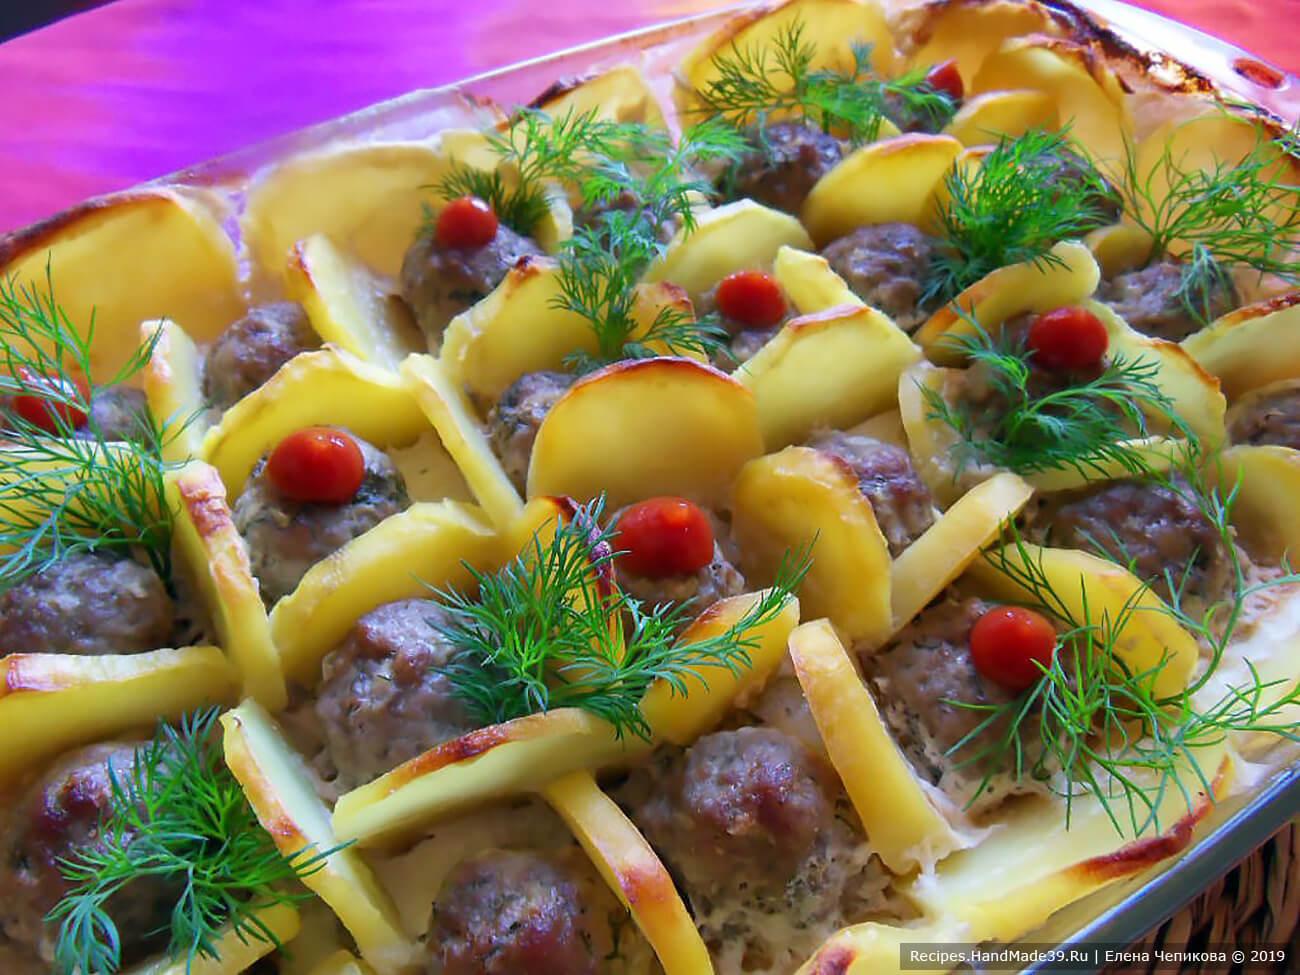 Фрикадельки в картофельных cотах под сливками можно подавать к столу в форме для запекания, добавив зелени